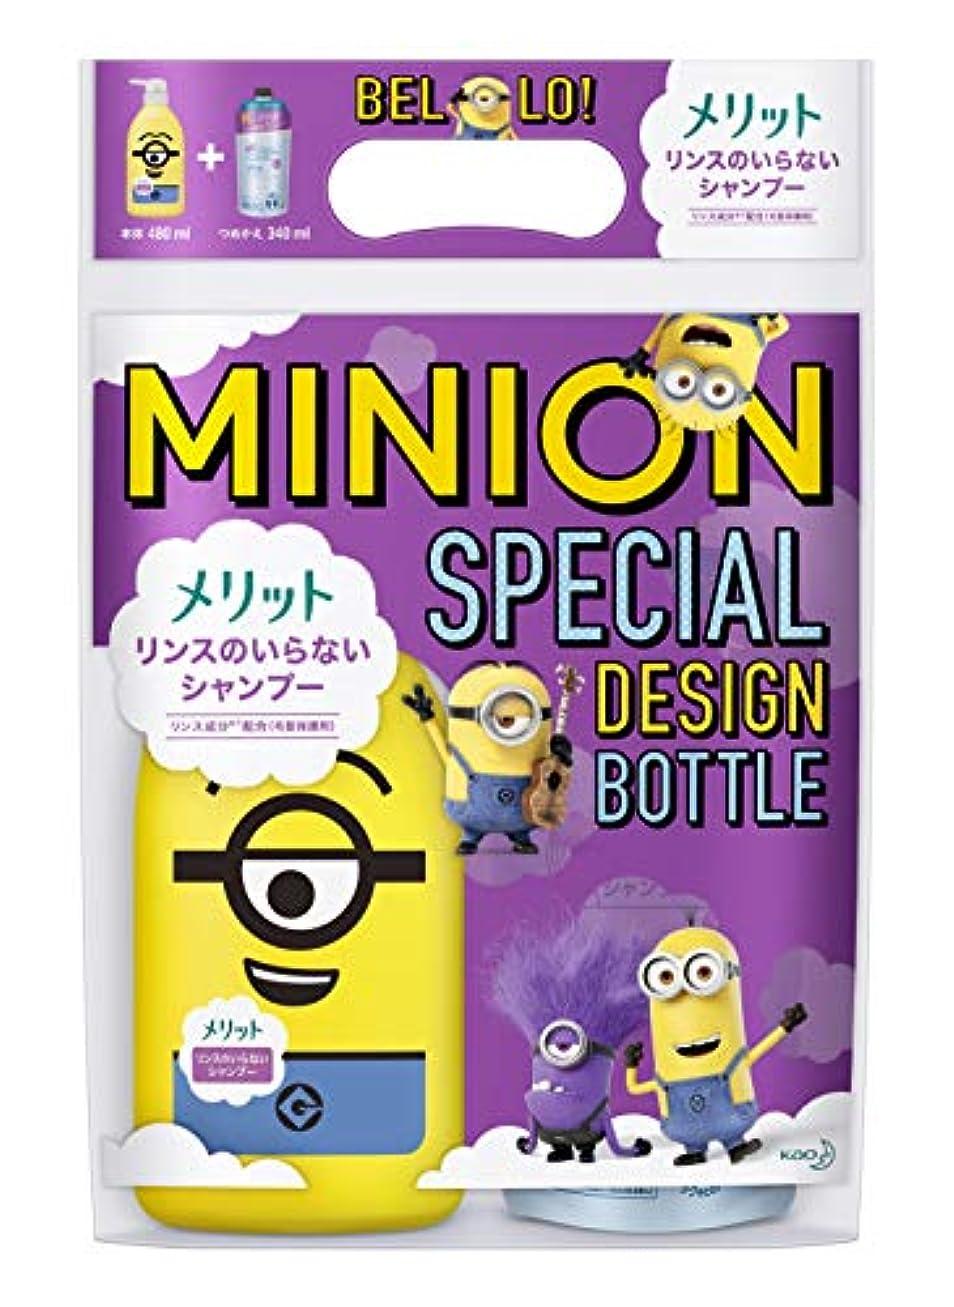 受け取る導体さわやかメリット リンスのいらないシャンプー ミニオン スペシャルデザインボトル [ Minion Special Design Bottle ] + つめかえ用セット (デザインボトル480ml+つめかえ用340ml)